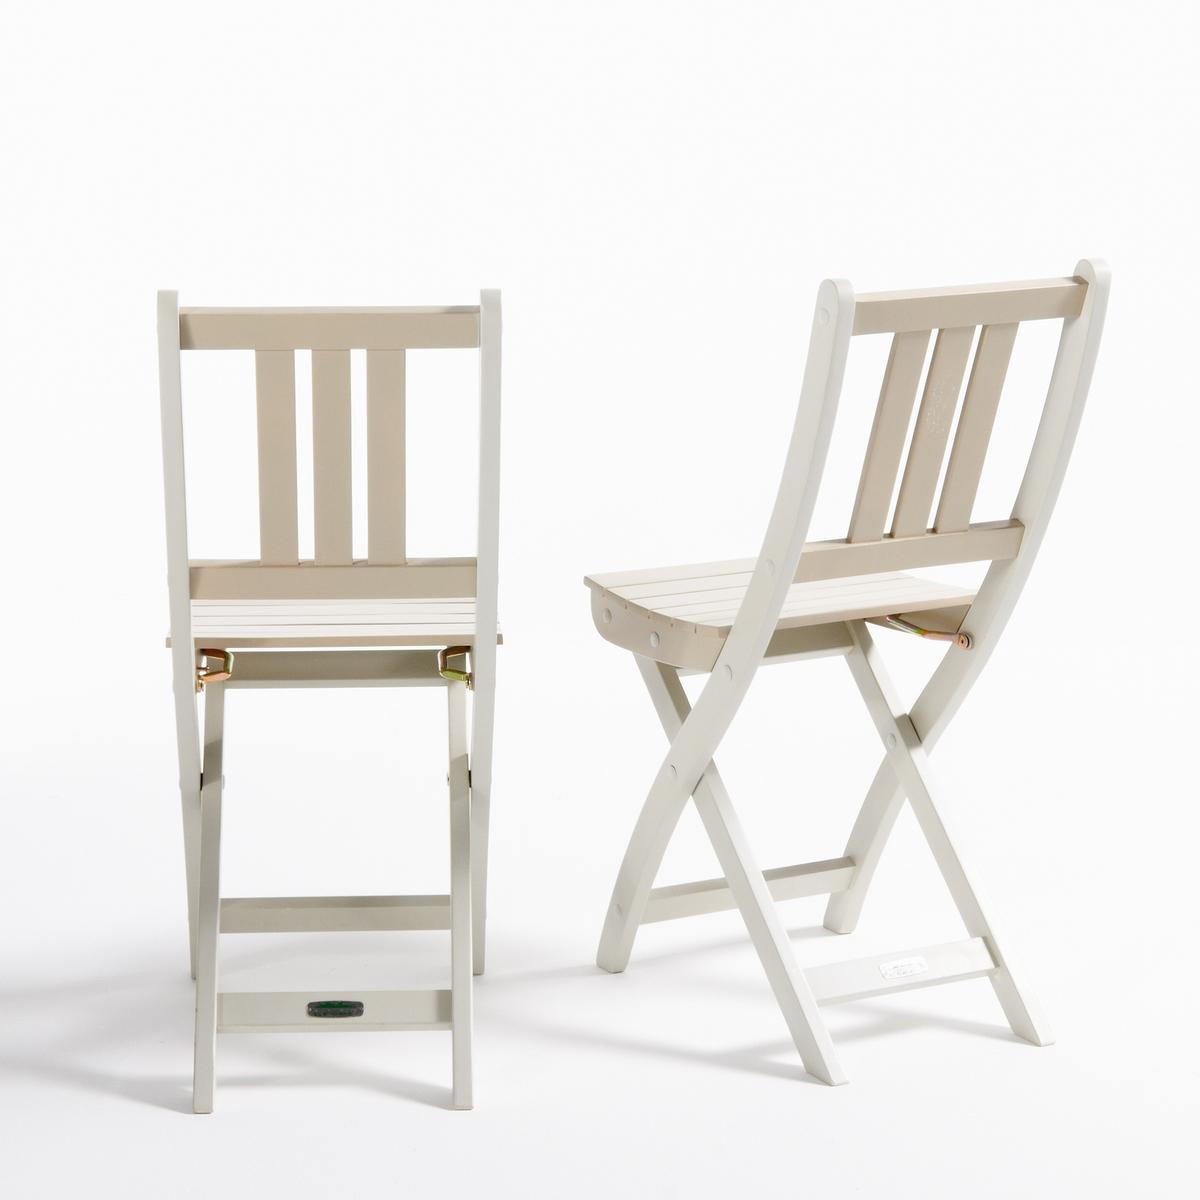 2 стула садовых из акации FSCСадовый стул из акации, покрыт акриловой краской. Дерево одобрено сертификатом качества FSC*. Стулья будут прекрасно смотреться на террасе или веранде  . Описание садового стула из акации со знаком качества FSC*   :Складной    Характеристики садового складного стула FSC* Manta   :- каркас из акации покрыт акриловой краской  Размеры  :Ширина : 36 смВысота : 86 смГлубина : 50 см.Размеры и вес упаковки :1 упаковка95 x 6 x 55 см, 8 кгДоставка: Садовый стул со знаком качества FSC* продается готовым к сборке   . Возможна доставка до двери по предварительной договоренности!Внимание! Убедитесь, что возможно осуществить доставку товара, учитывая его габариты (проходит в дверные проемы, лифты, по лестницам).* Знак качества FSC выдаётся Лесным попечительским советом (Forest   Stewardship Council) и является свидетельством соответствия стандартам ответственного управления лесами, легальности производства, возможности отслеживания происхождения древесины, сохранения биоразнообразия и местных видов.<br><br>Цвет: серо-синий